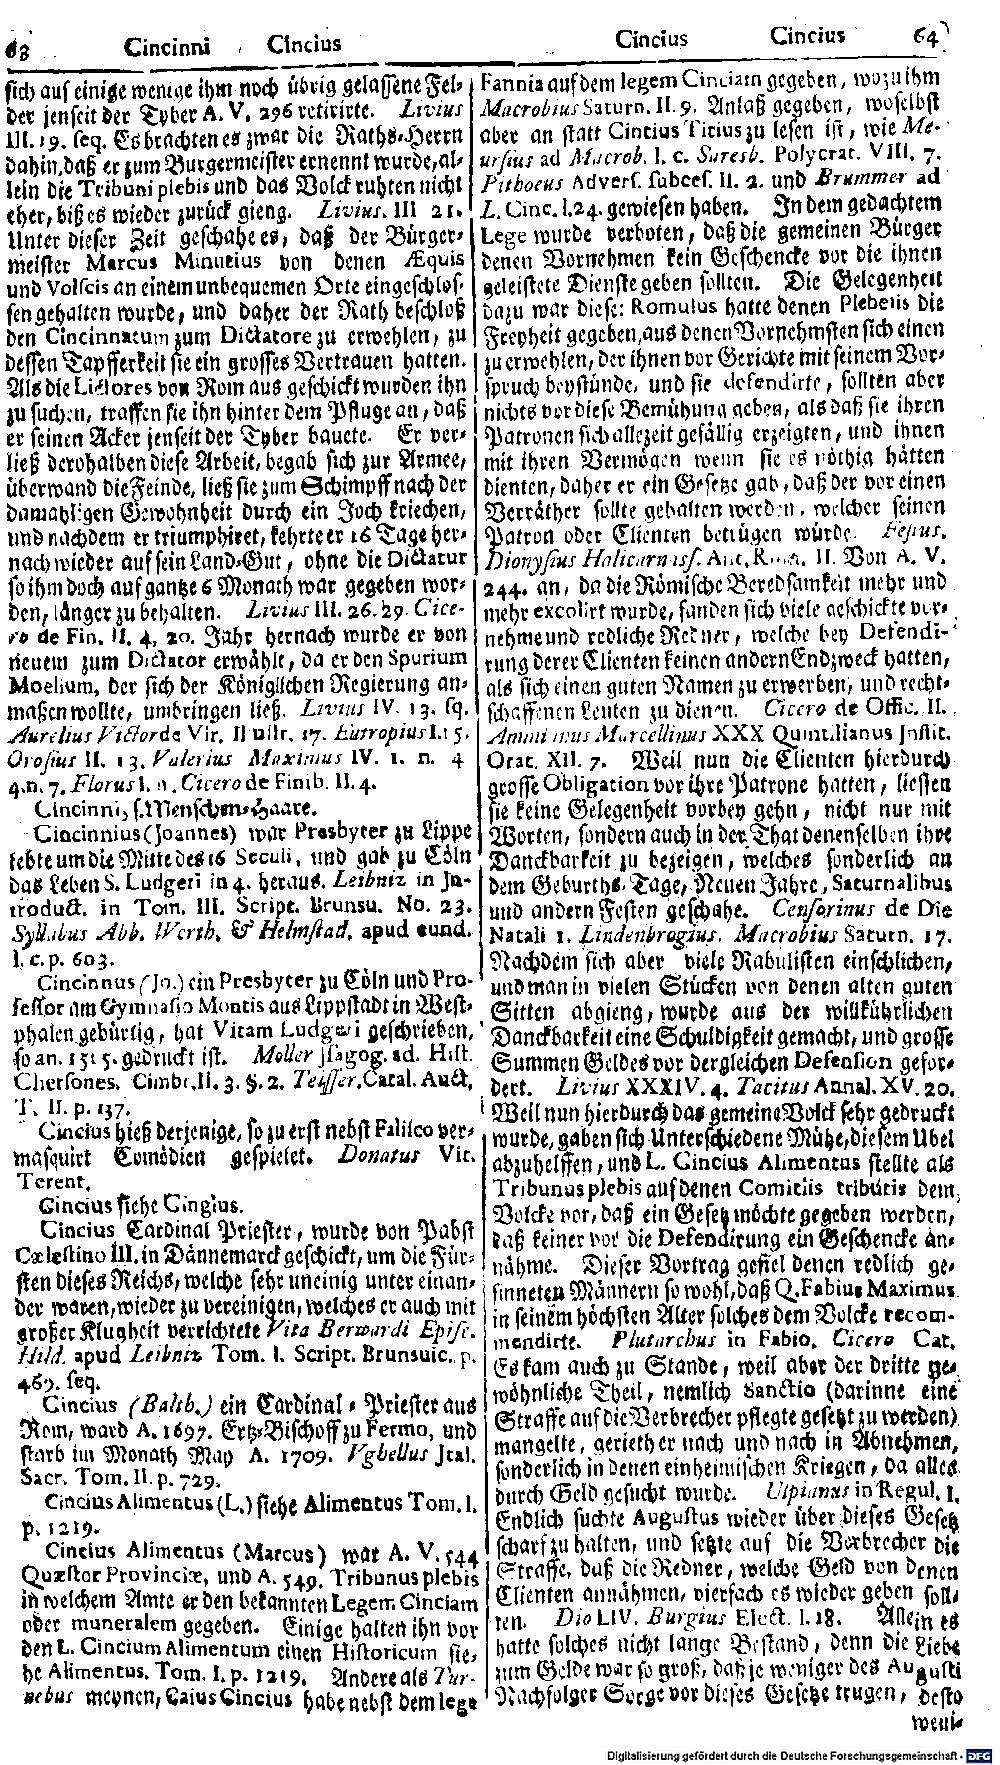 Bd. 06, Seite 0047.